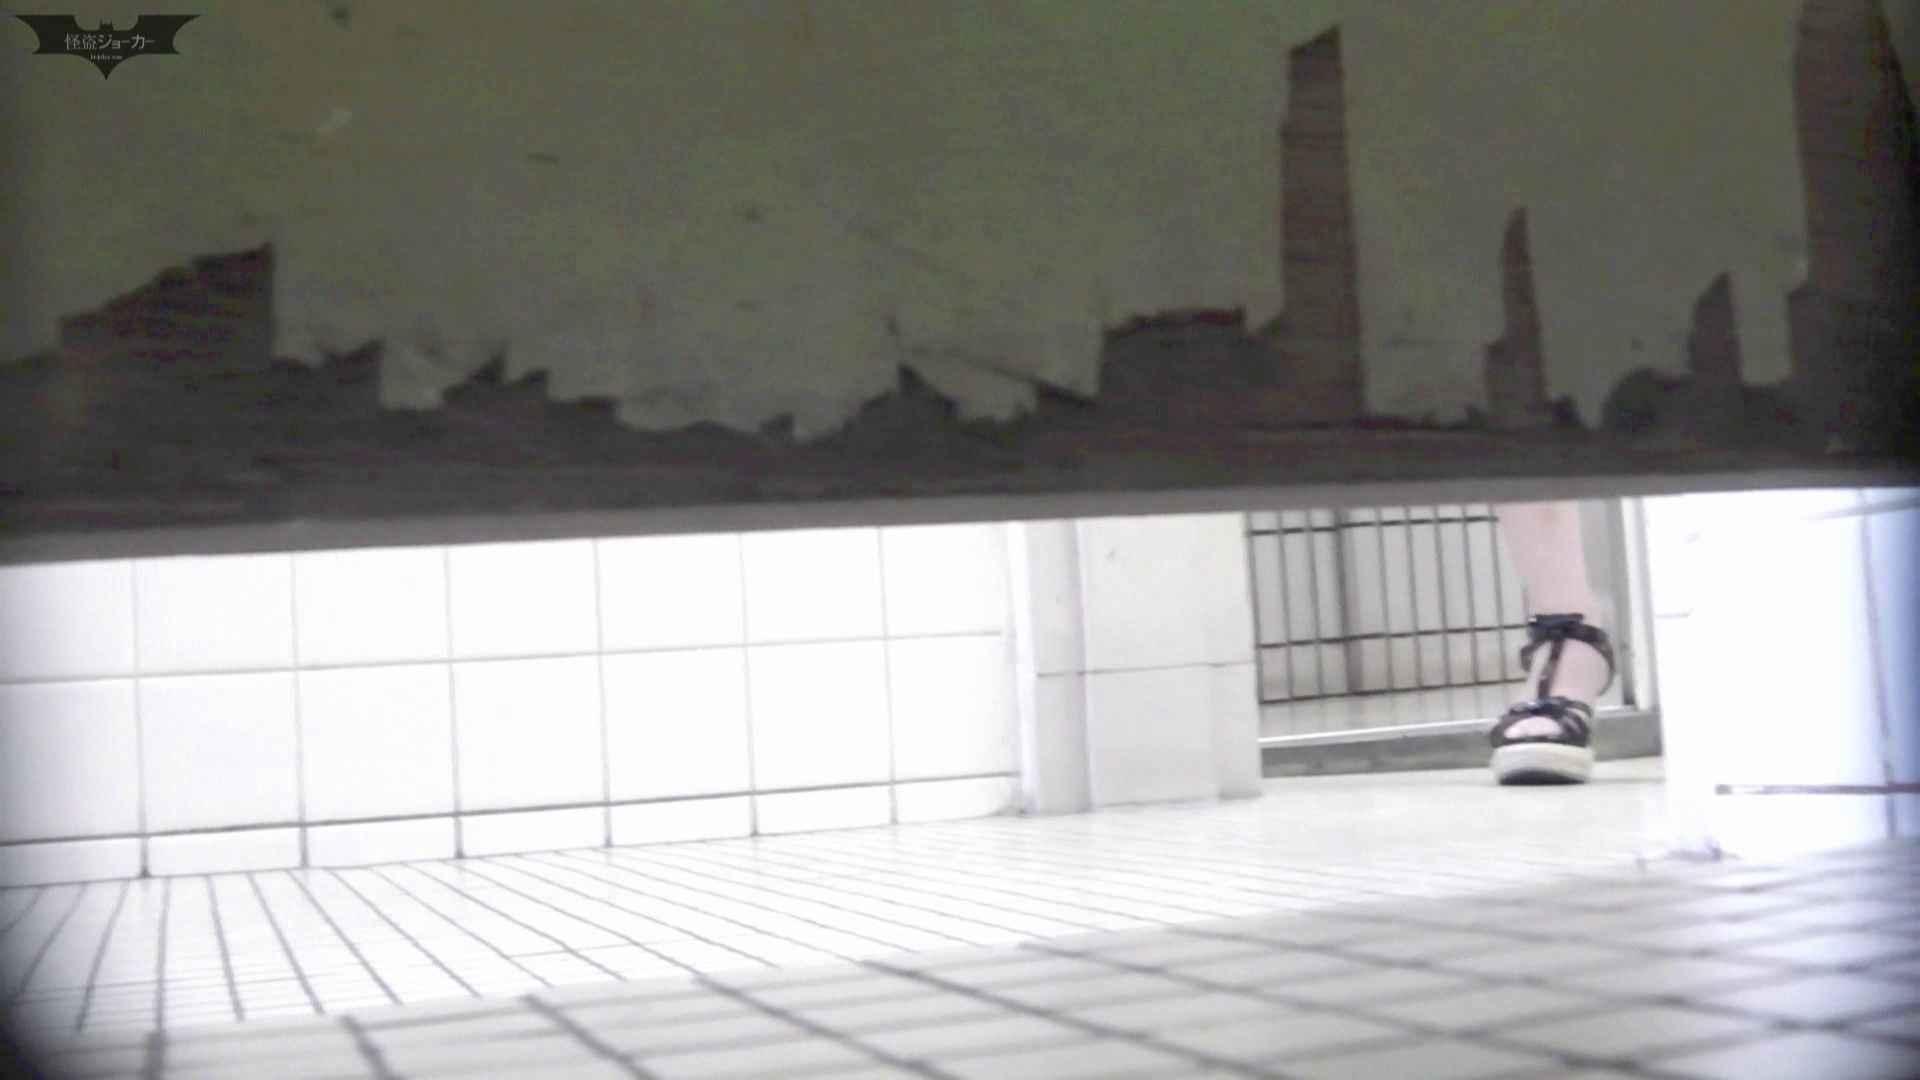 【潜入トイレ盗撮】洗面所特攻隊 vol.70 極上品の連続、歌いながら美女入室 盗撮 おめこ無修正画像 63pic 9